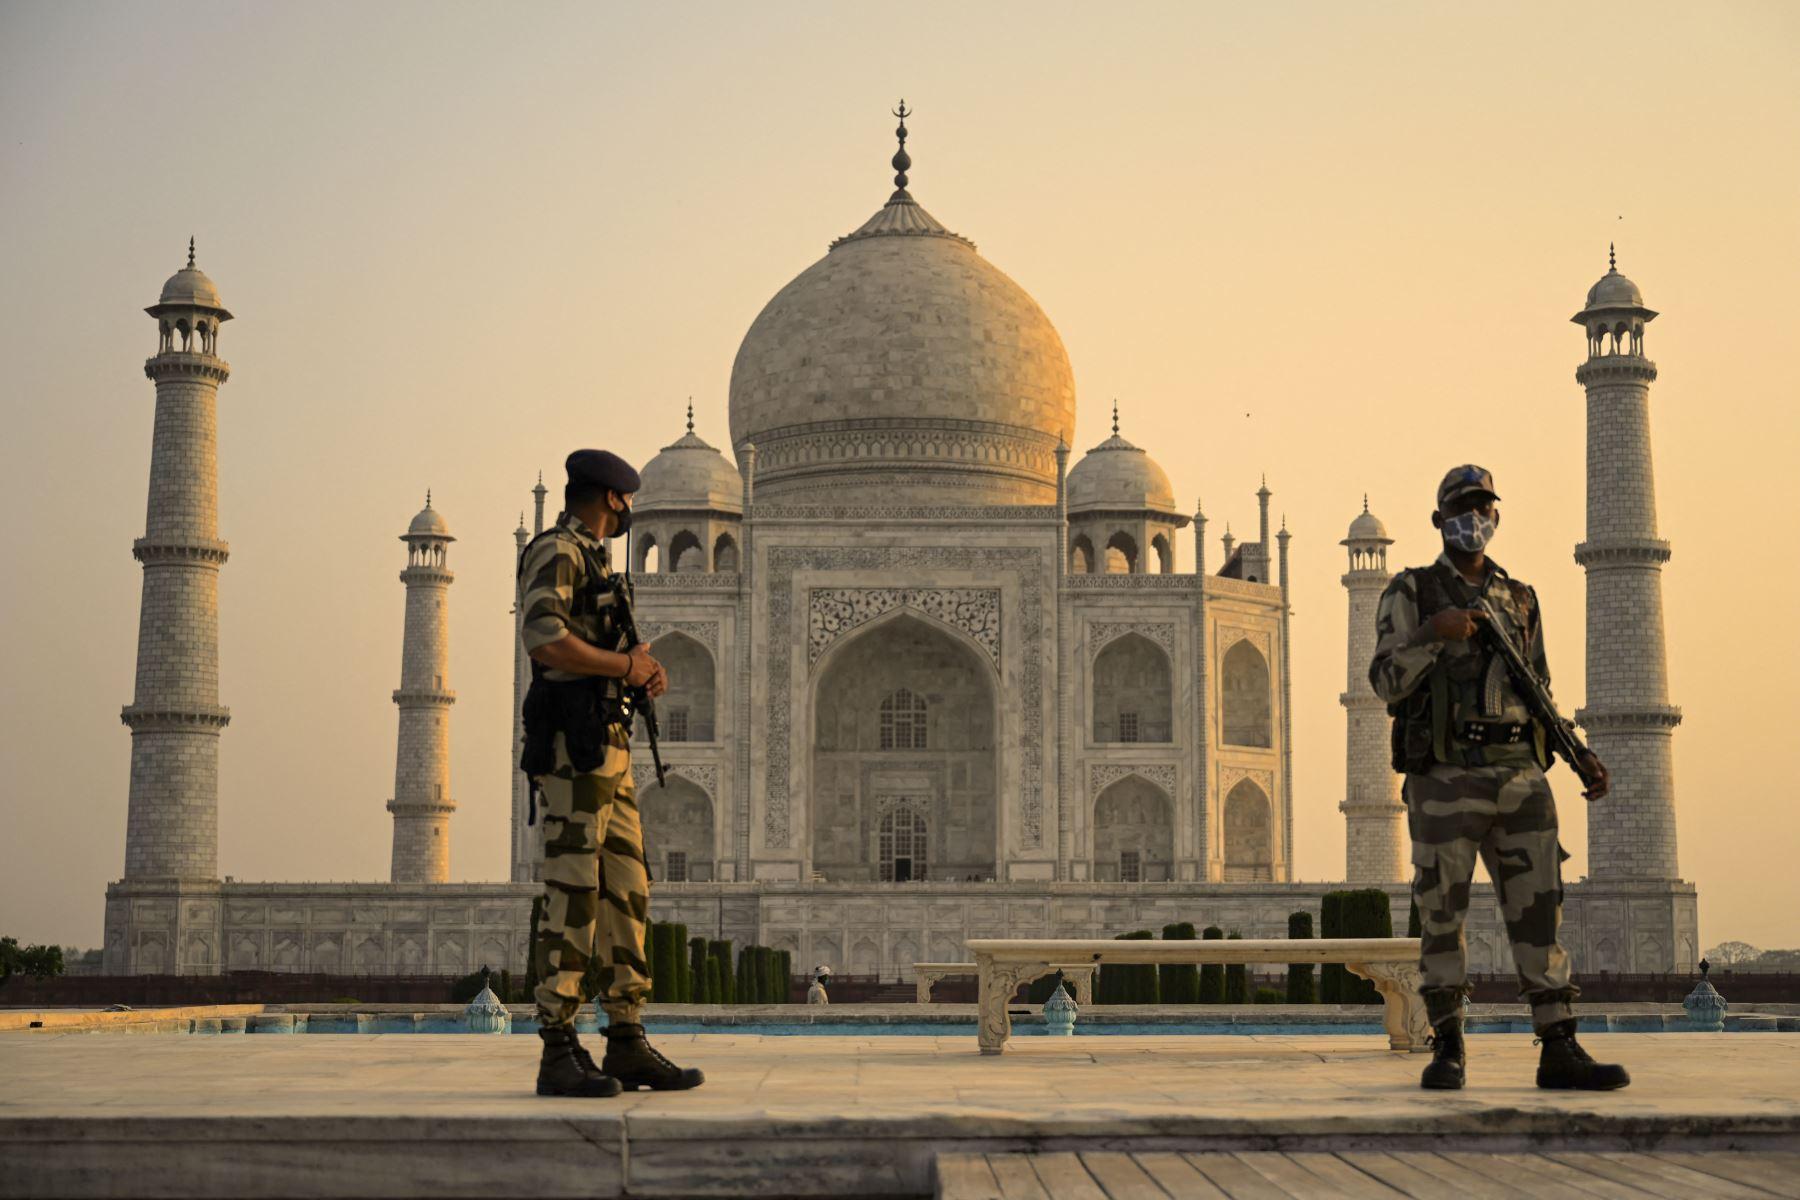 Soldado patrulla el terreno en el Taj Mahal después de que se reabrió a los visitantes luego de que las autoridades flexibilizaran las restricciones del covid-19 en Agra. Foto : AFP